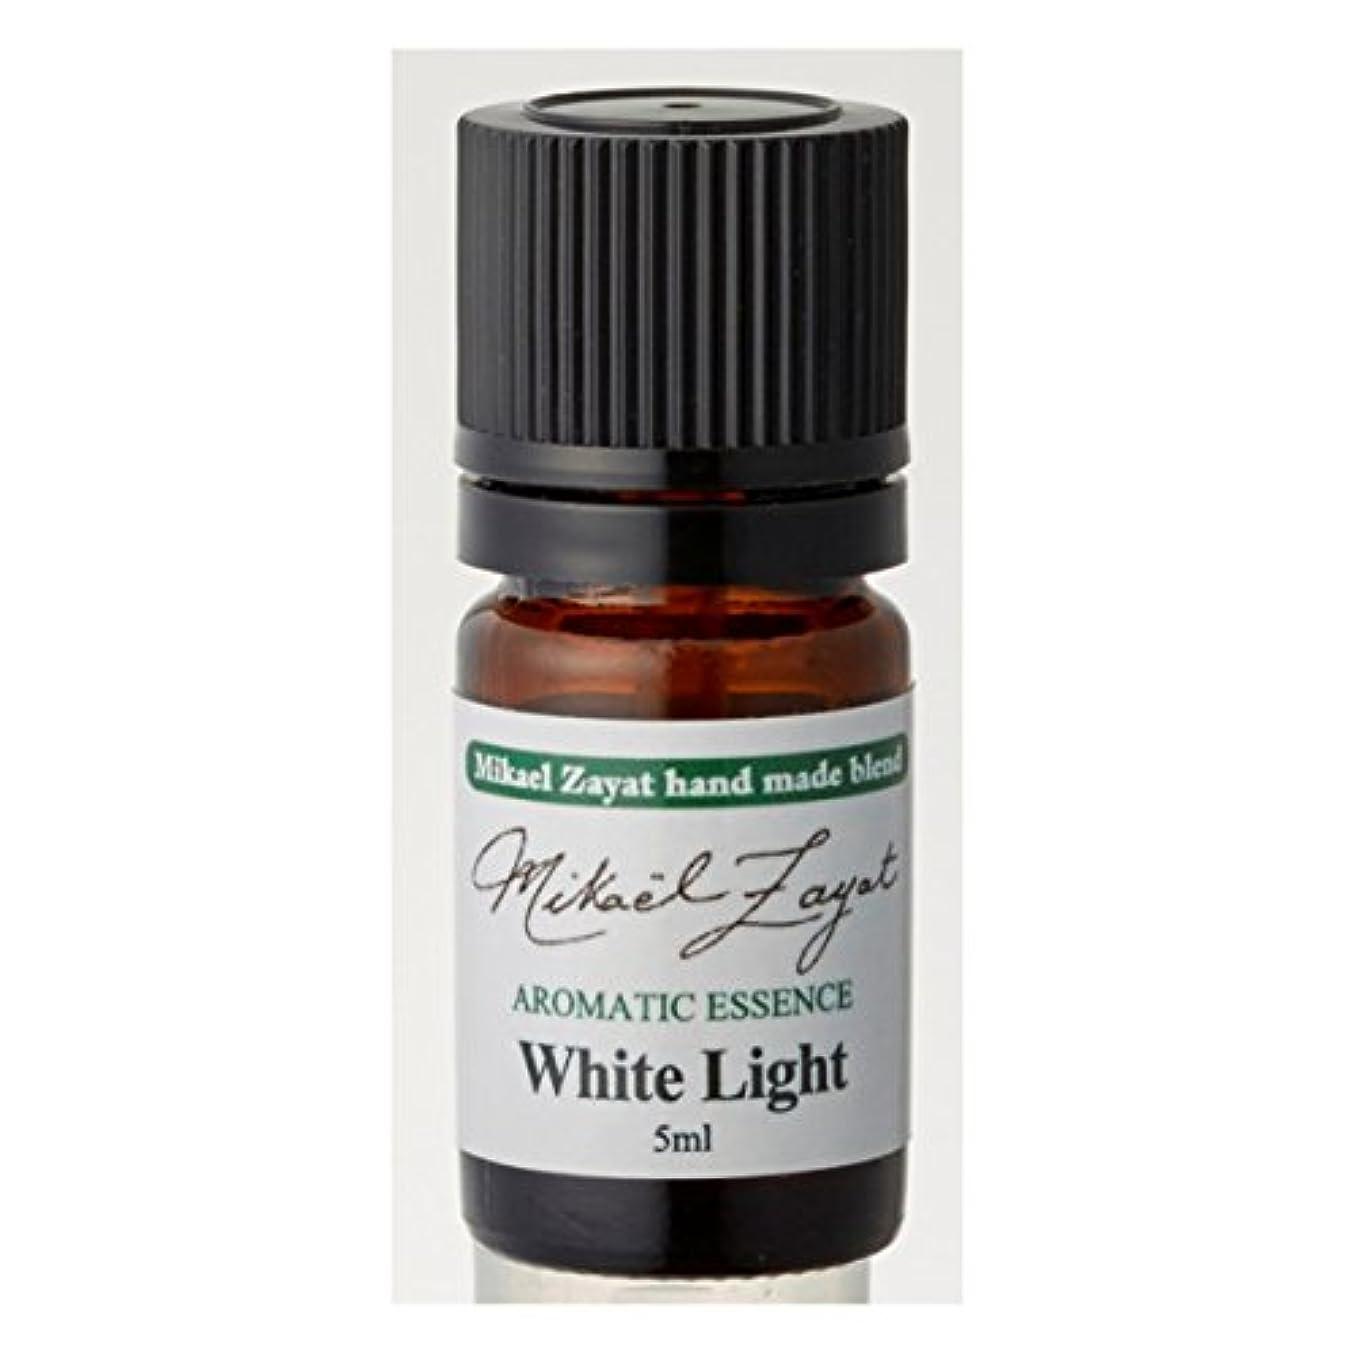 ガス変動する禁止ミカエルザヤット ホワイトライト White Light 5ml/ Mikael Zayat hand made blend